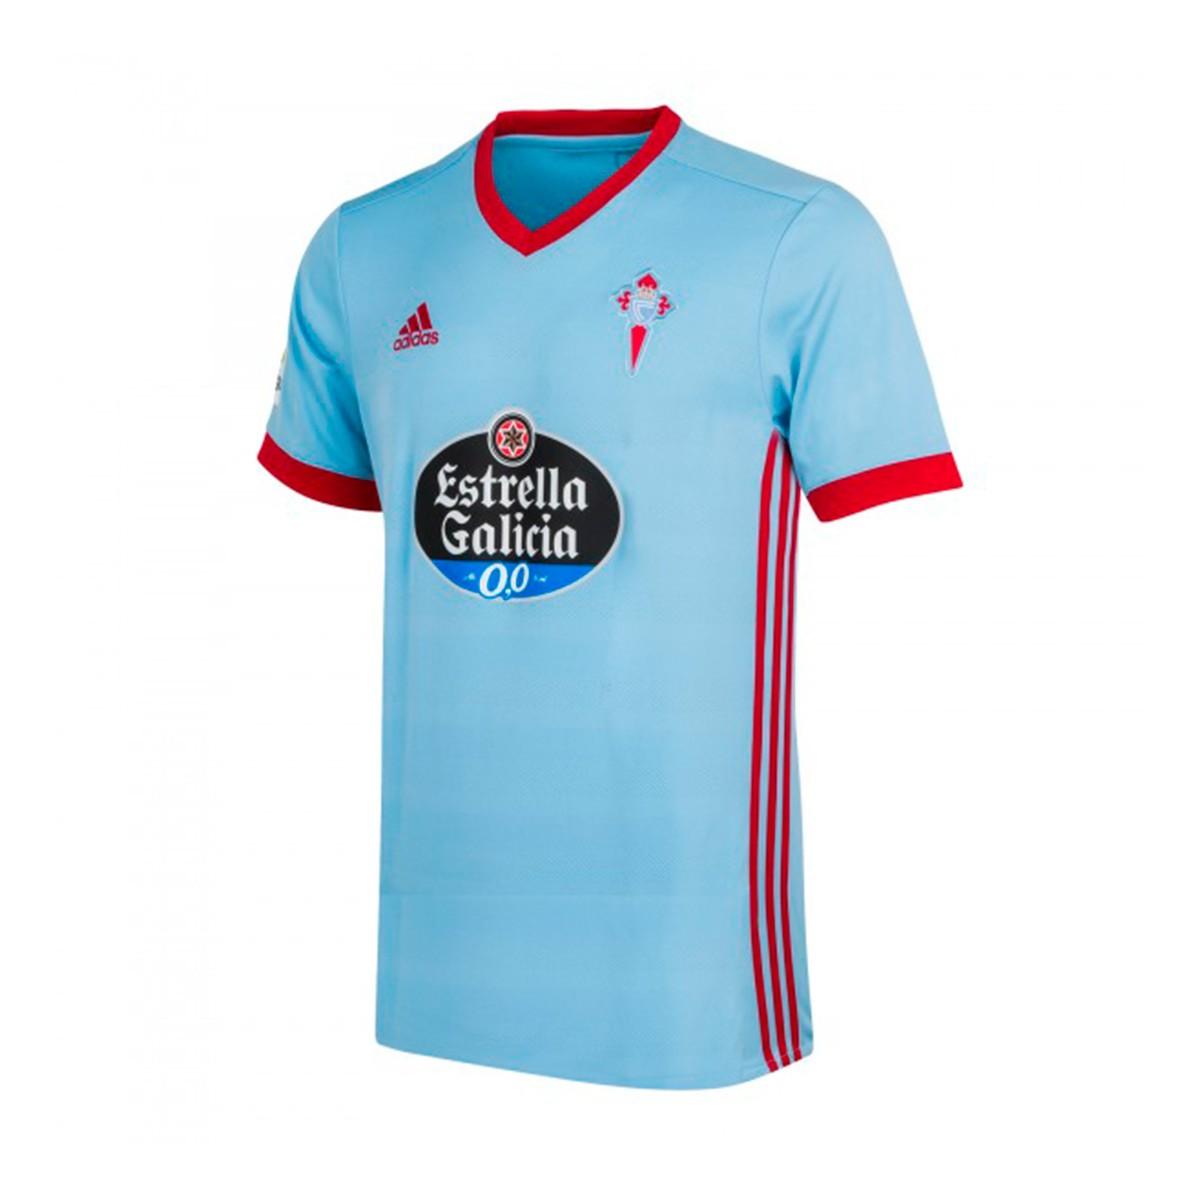 ... Camiseta Celta de Vigo Primera Equipación 2017-2018 Niño Clear  blue-Power red-. CATEGORY 4ed13ae625d98